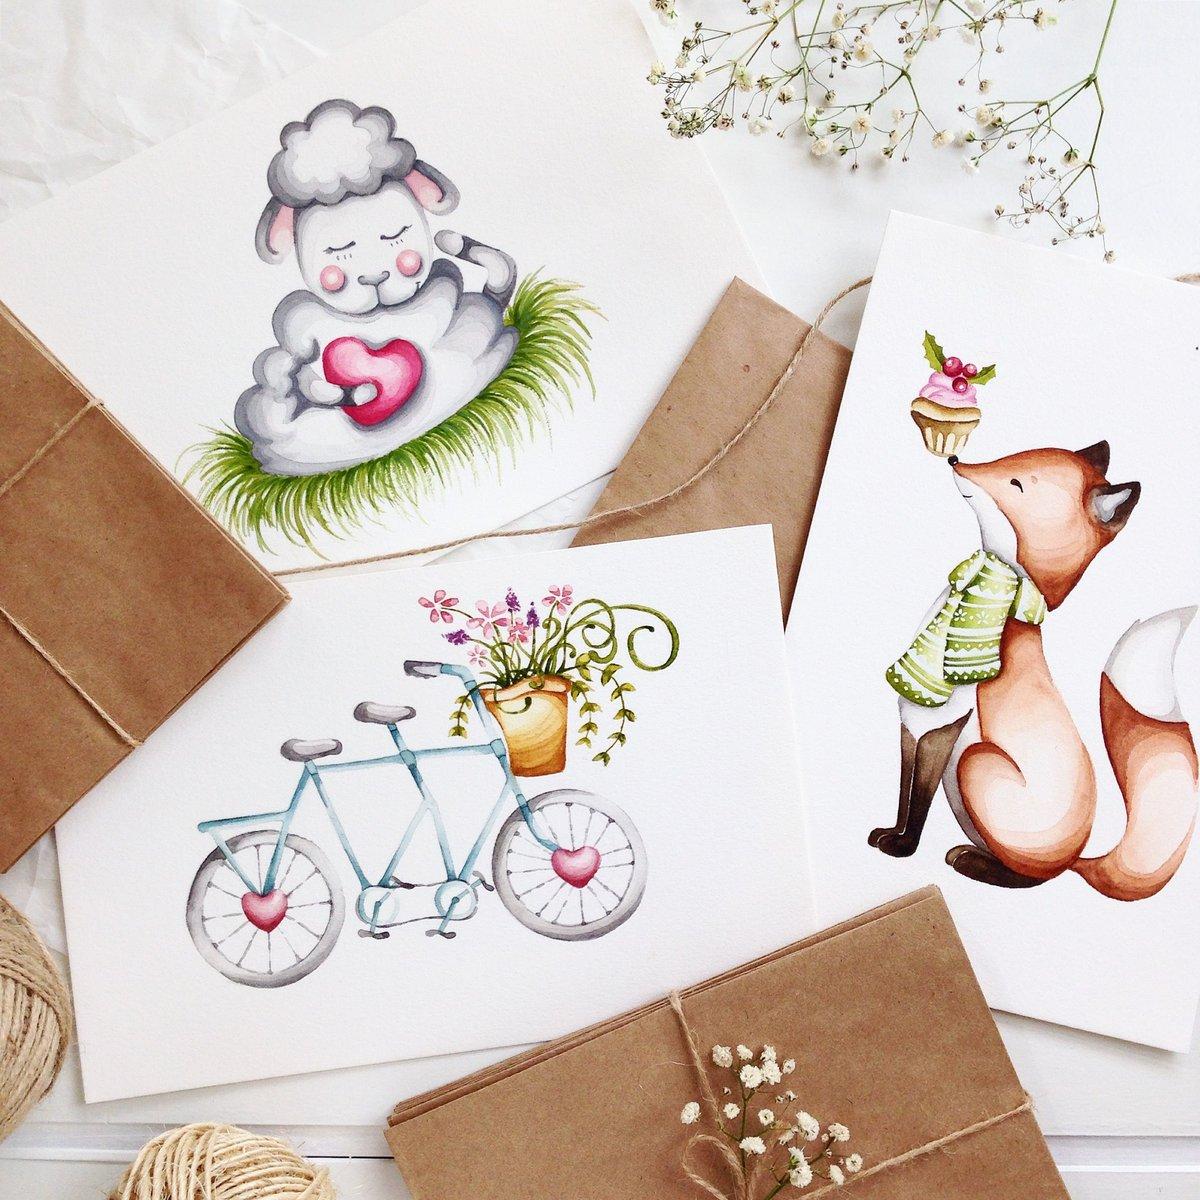 неё арт дизайн официальный сайт открытки каталог лучшие обои